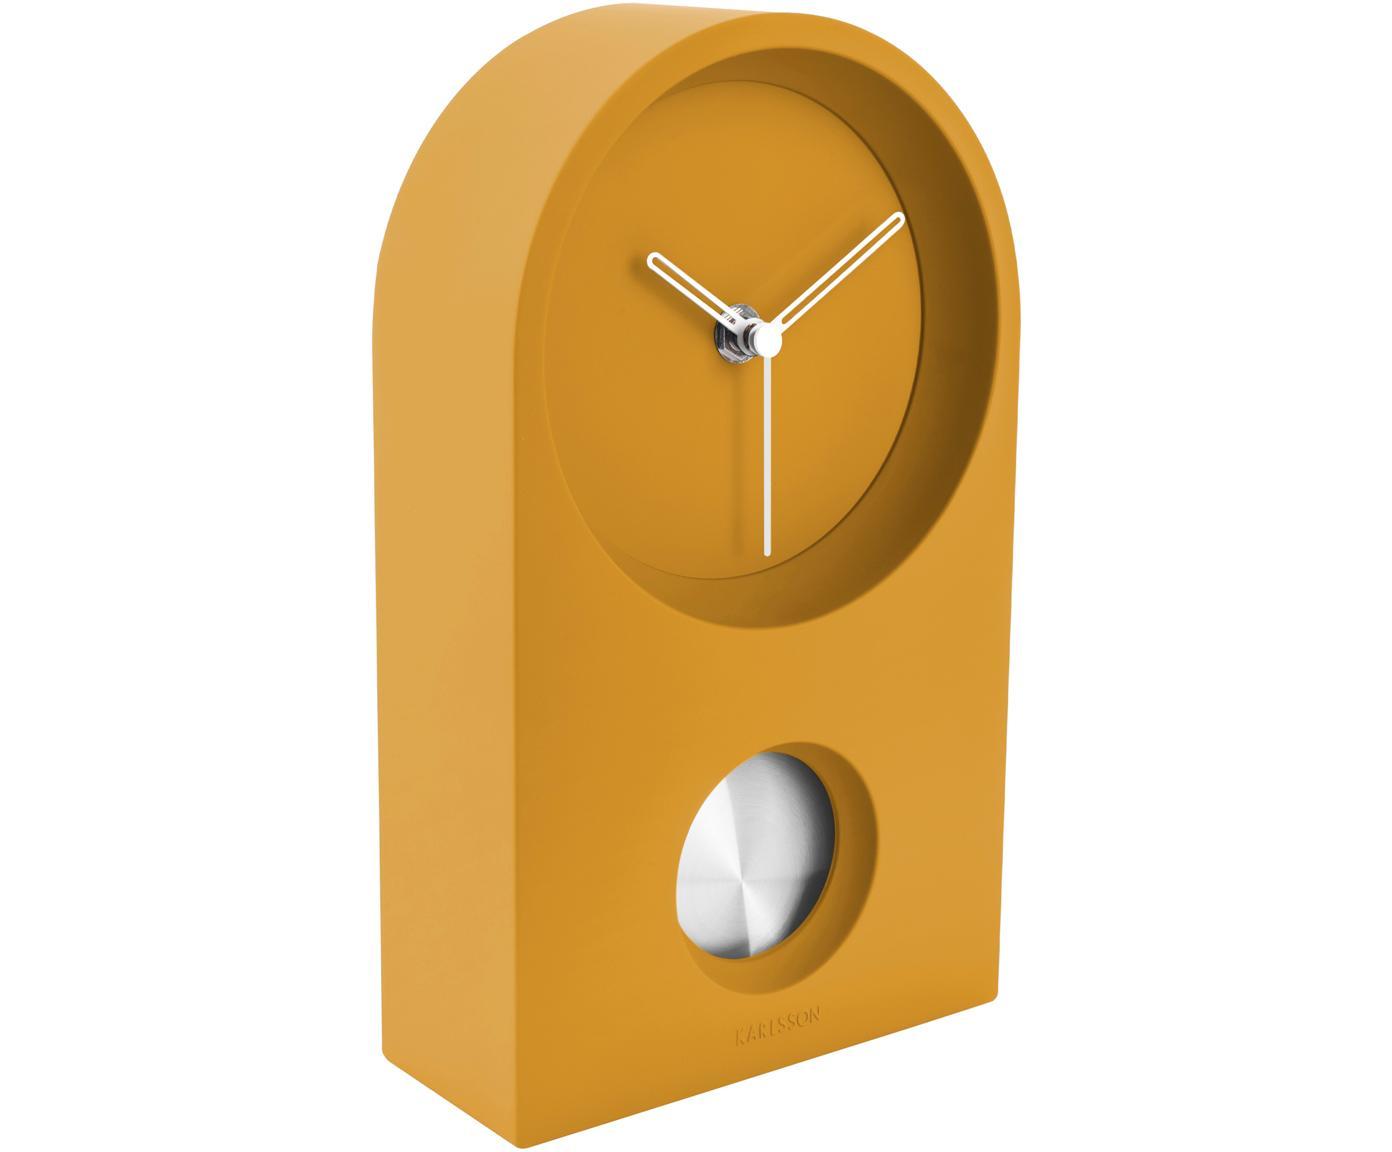 Zegar stołowy Taut, Tworzywo sztuczne (ABS), Żółty, odcienie srebrnego, S 15 x W 25 cm